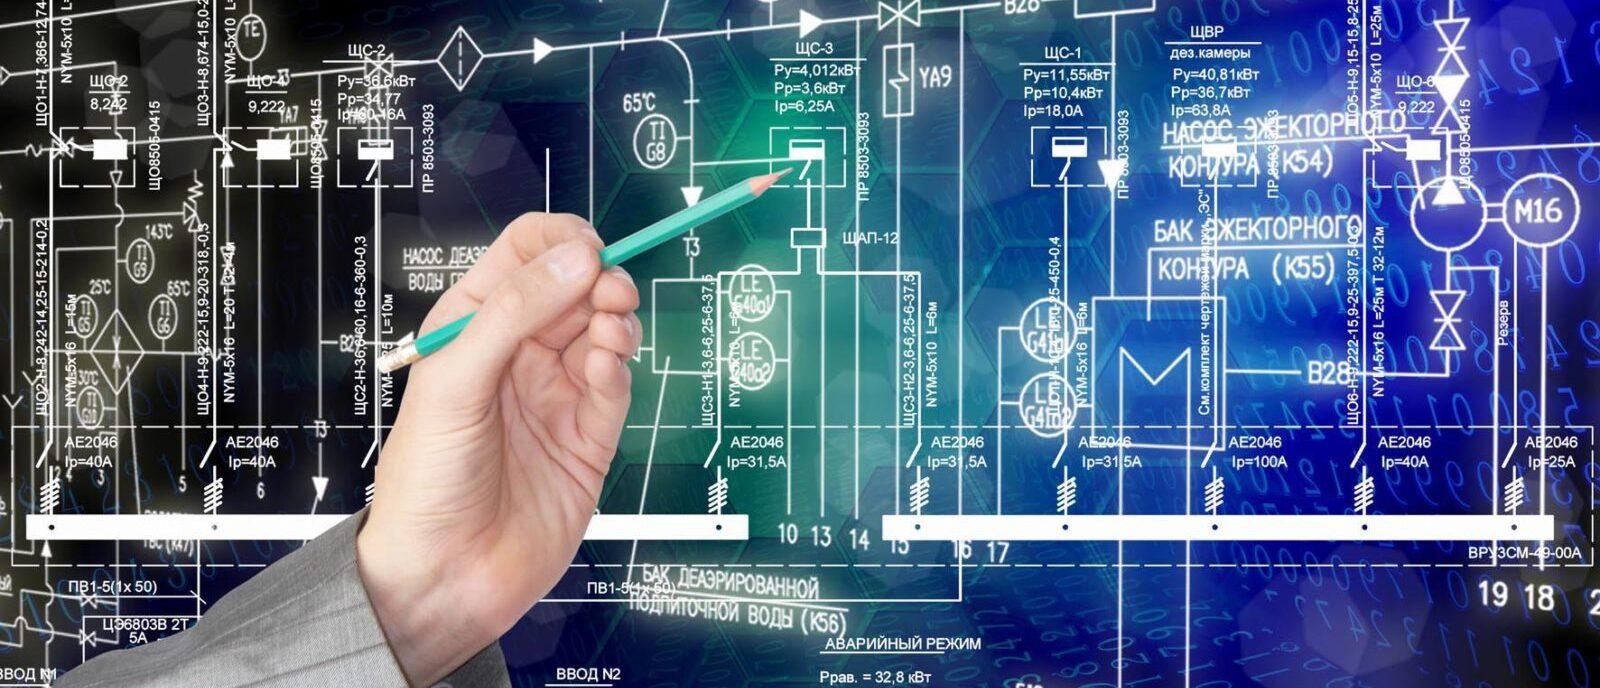 Разработка проектов автоматики безопасности управления котлами и котельно-вспомогательным оборудованием